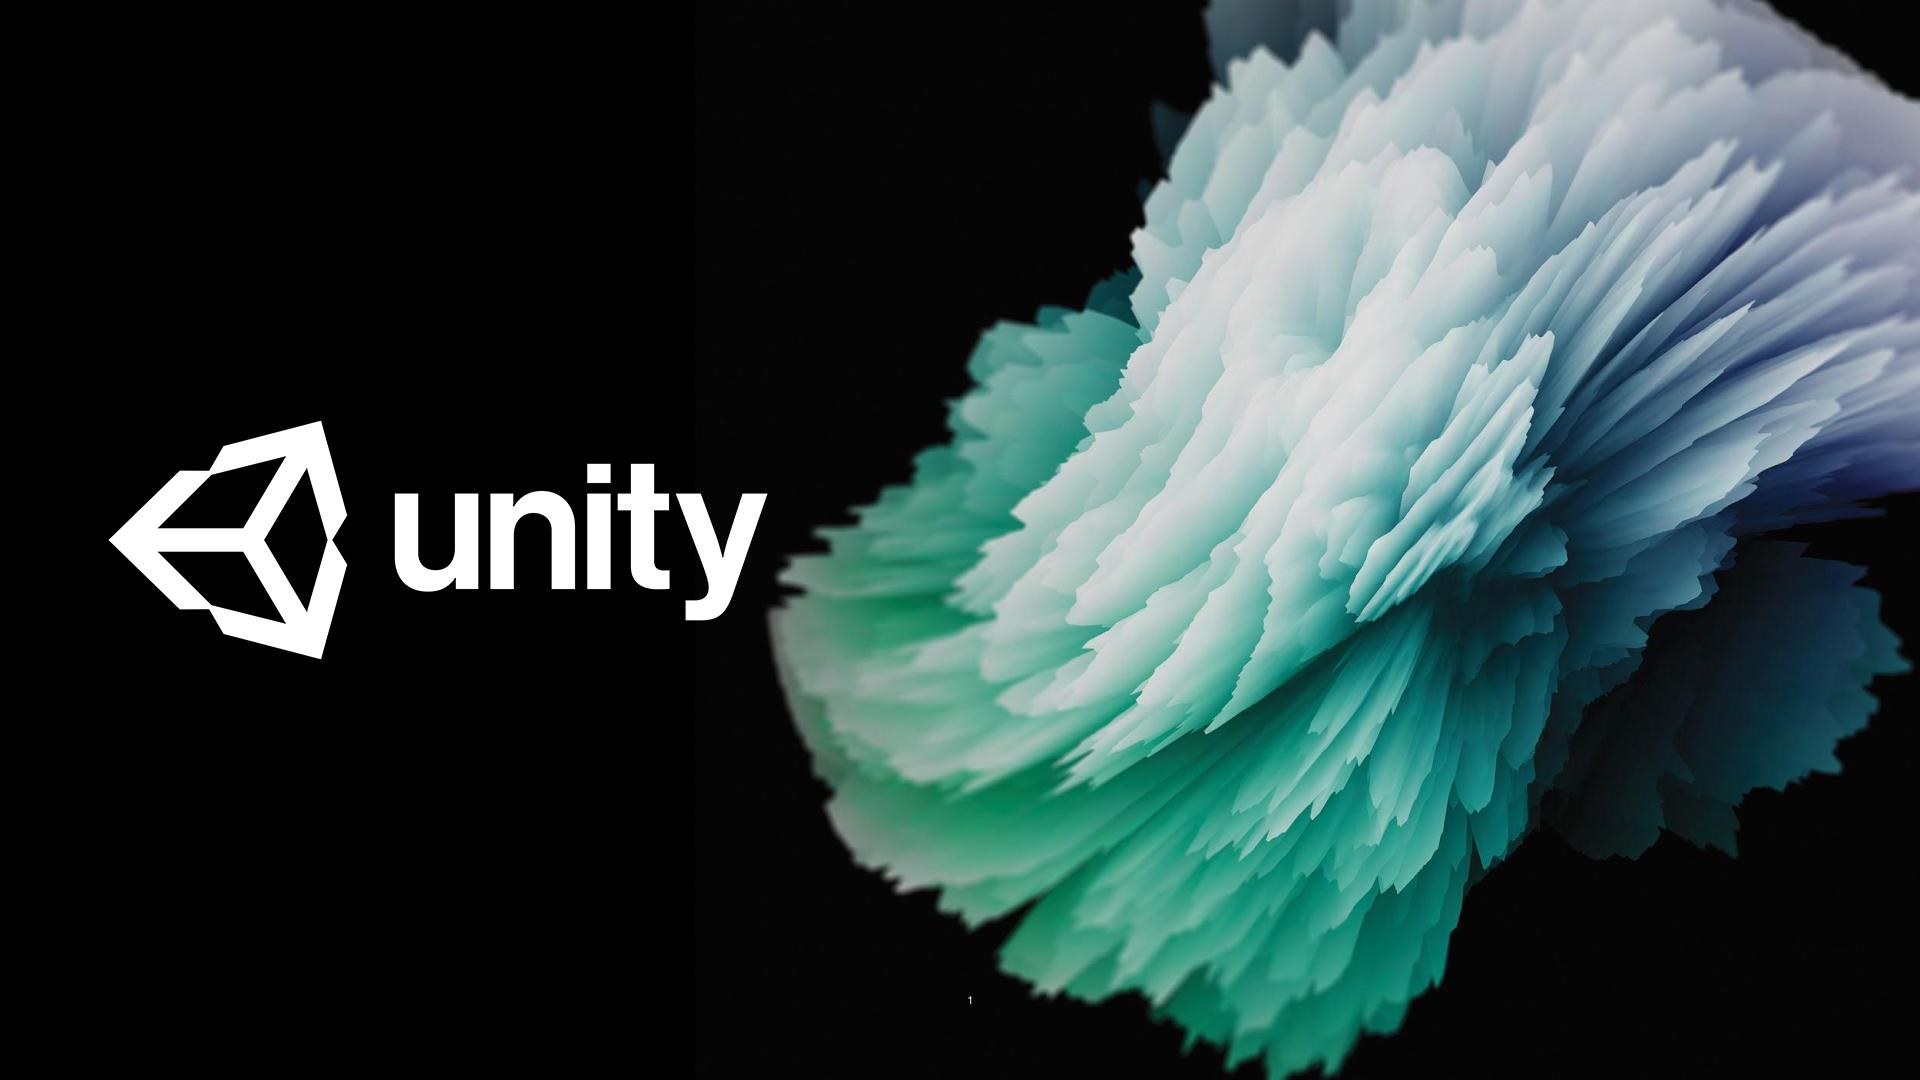 [2017直播汇总] Unity官方直播录播汇总